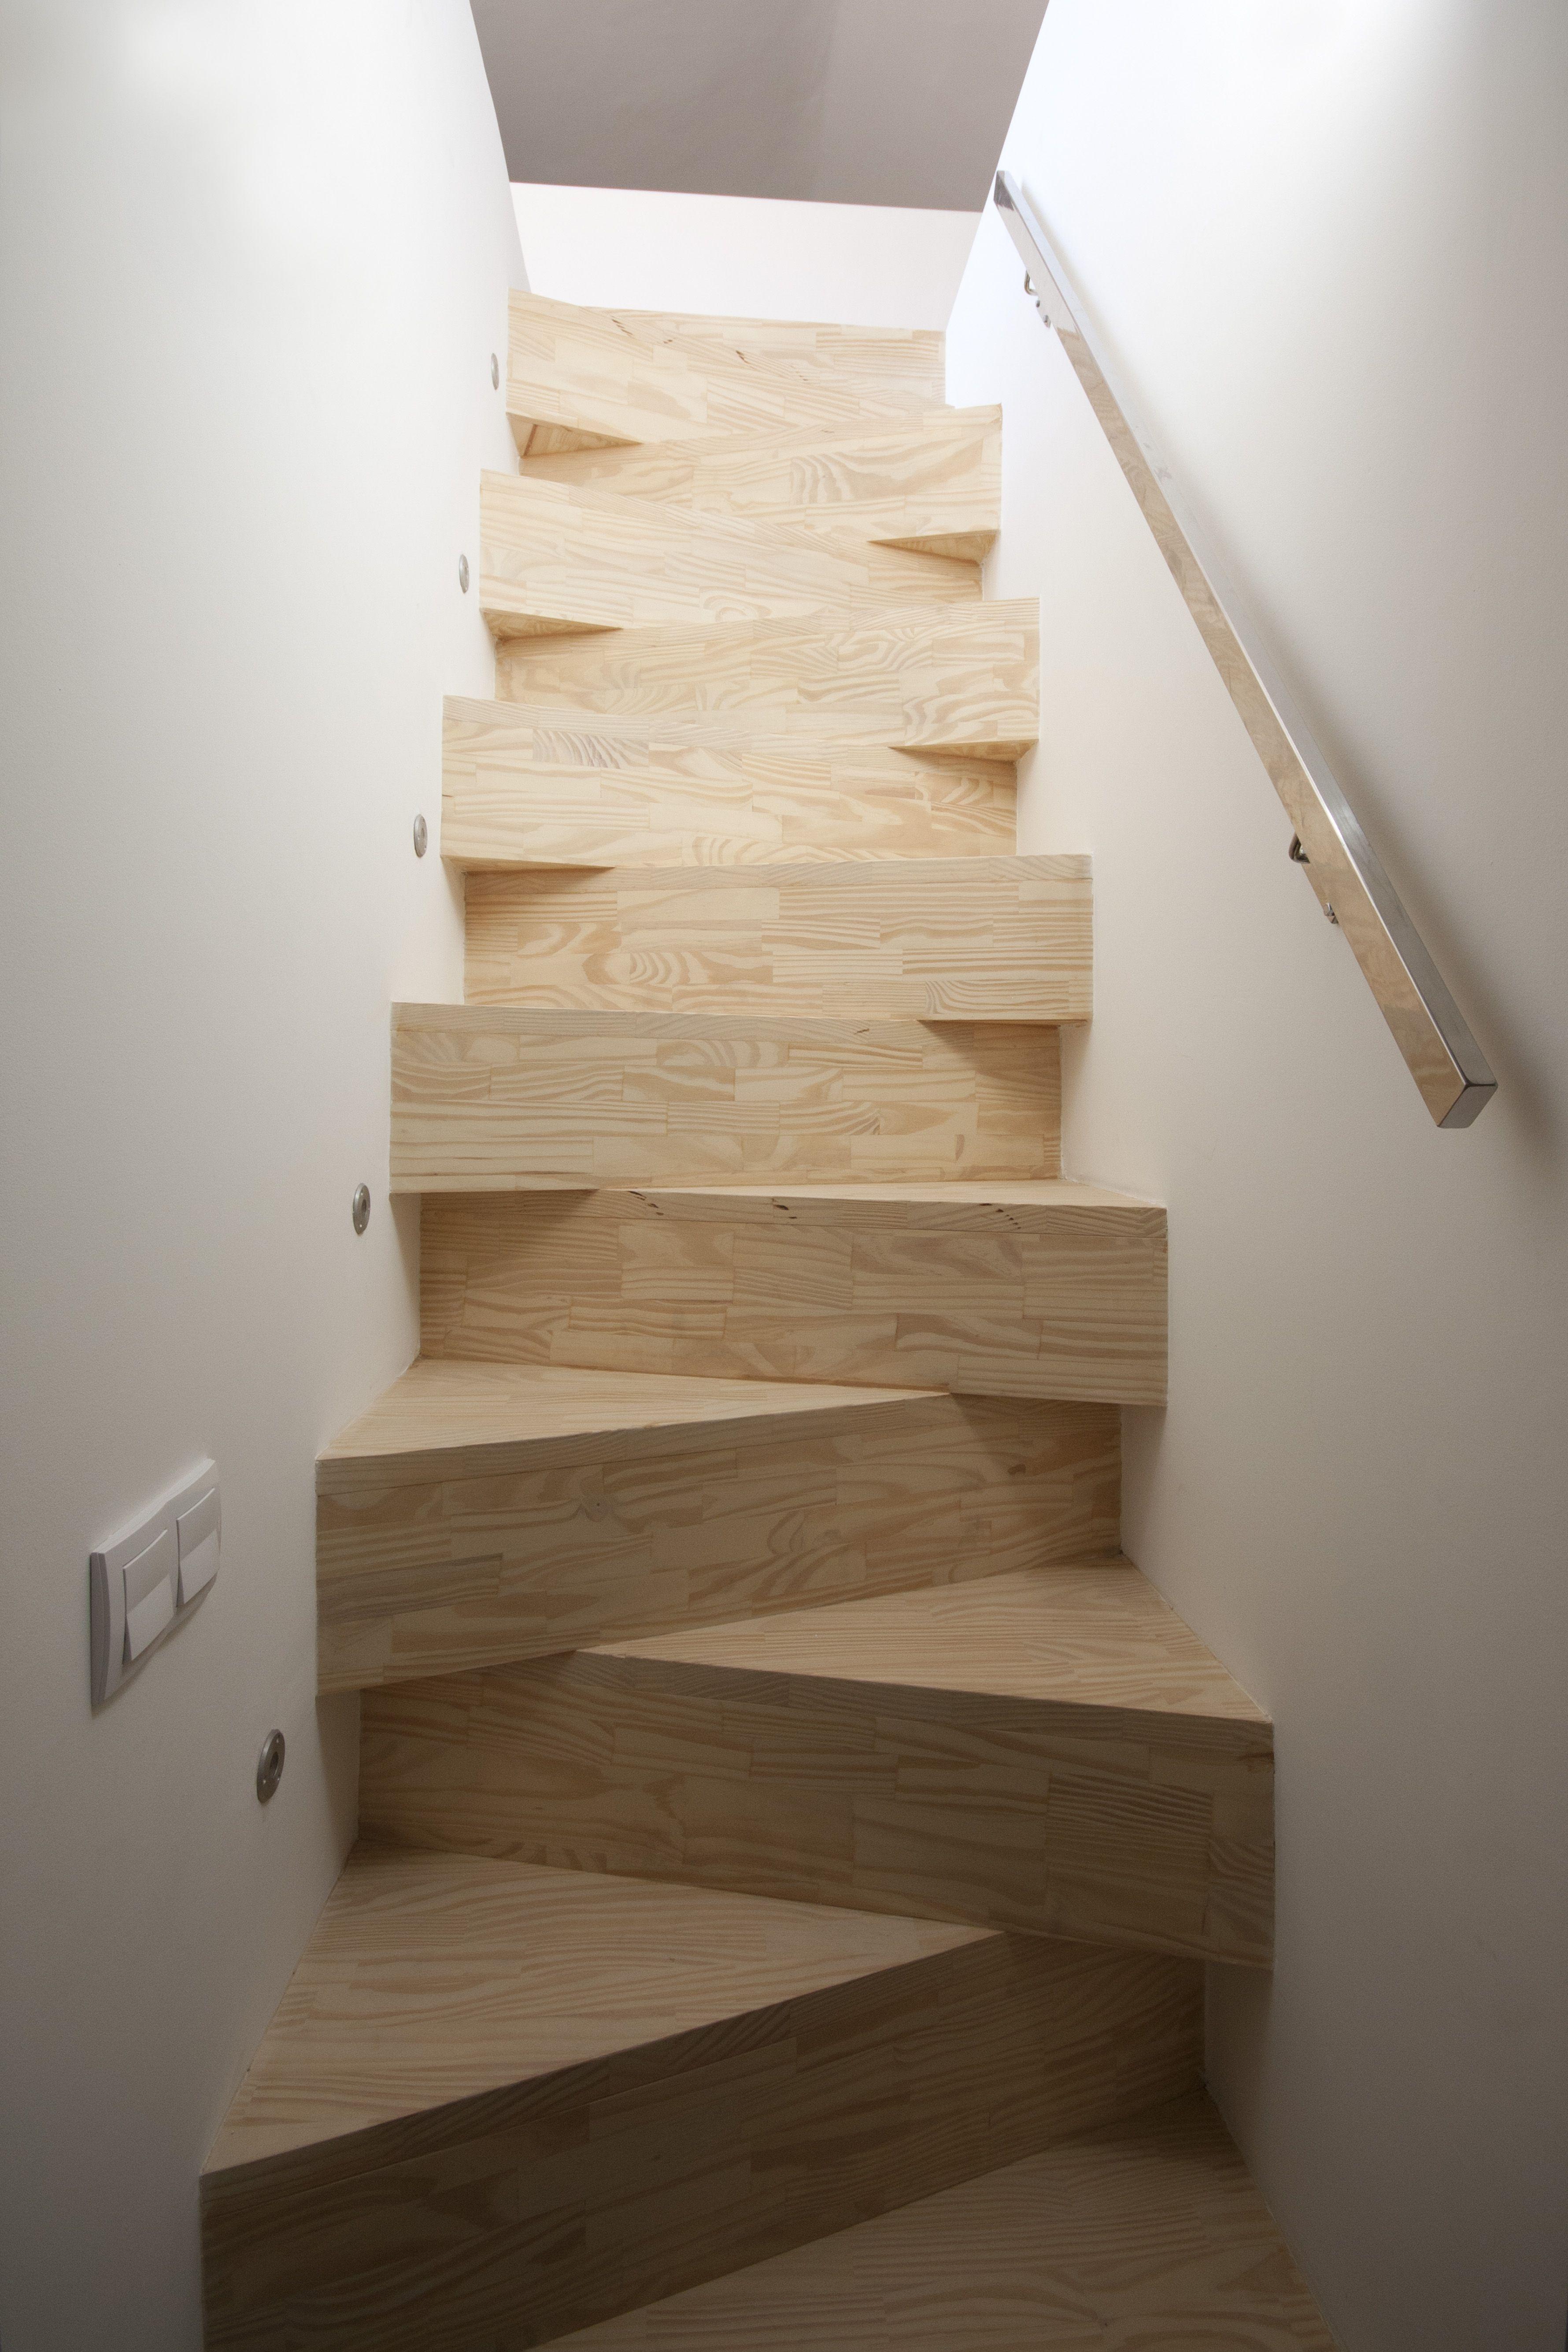 Escalera dise o de isho design para el proyecto tico - Escaleras para duplex ...